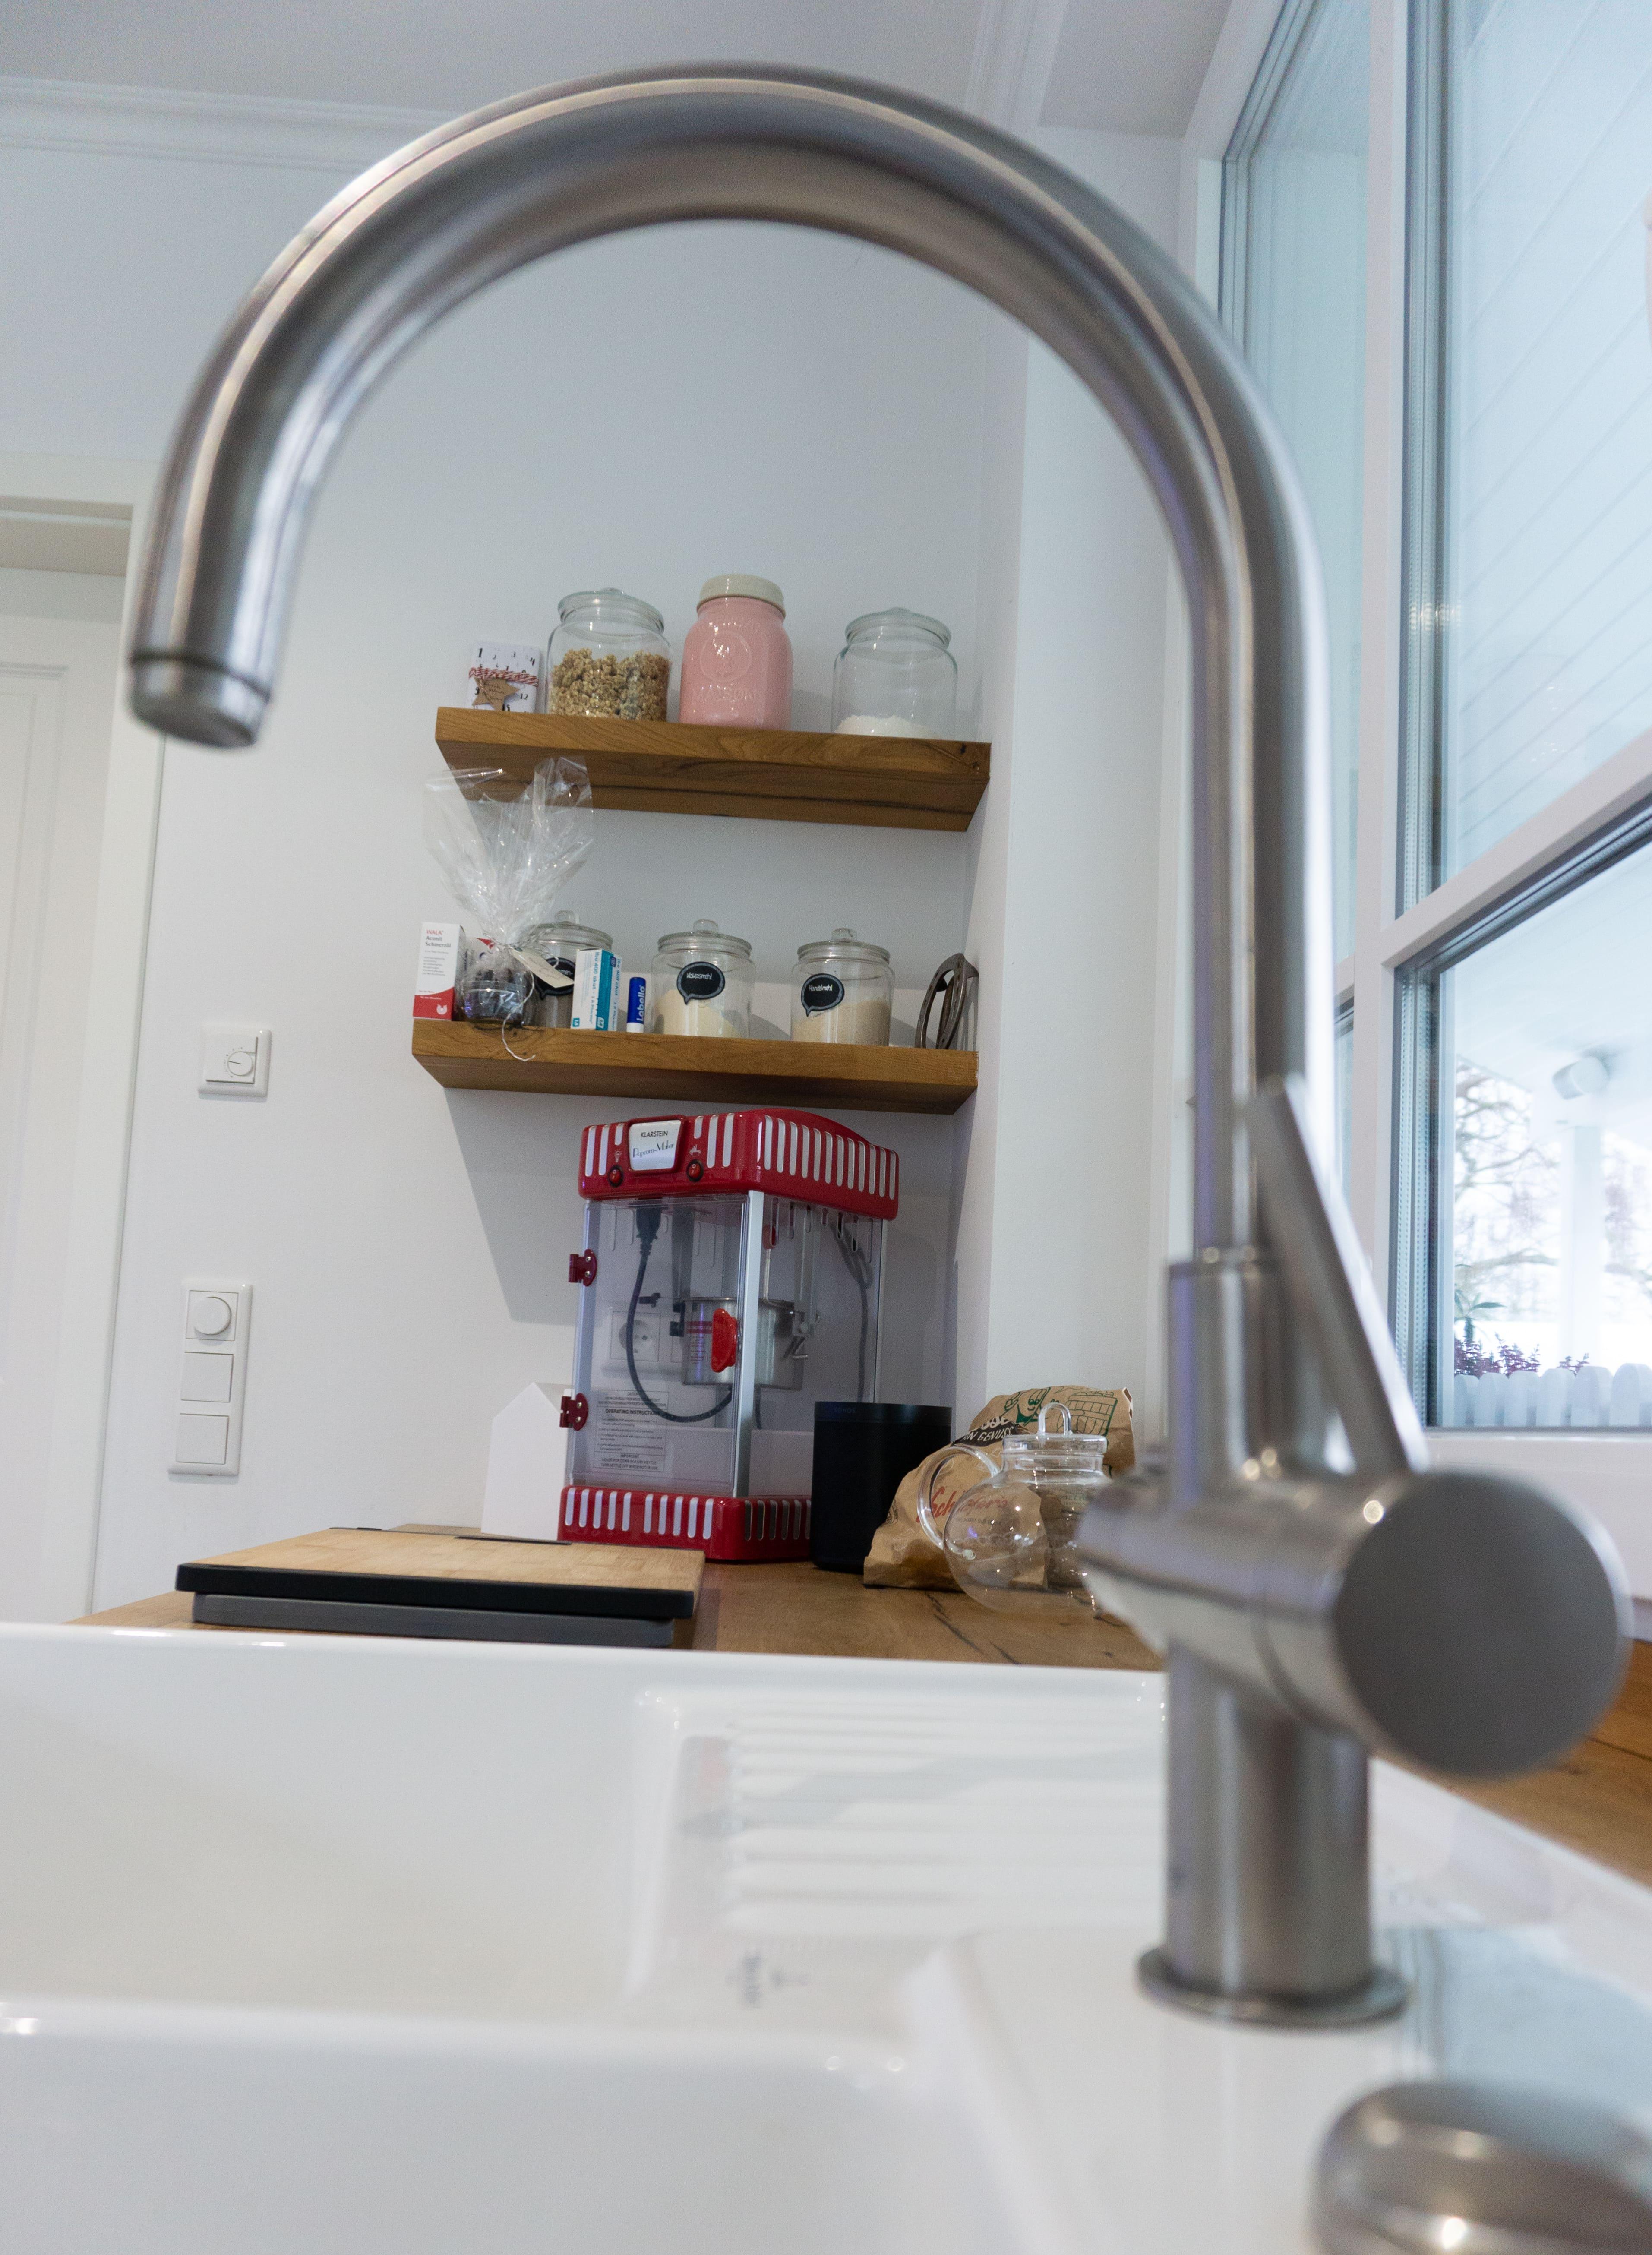 Küche Fachwerkeiche Eiche geölt Einbauküche weiße Fronten Spüle